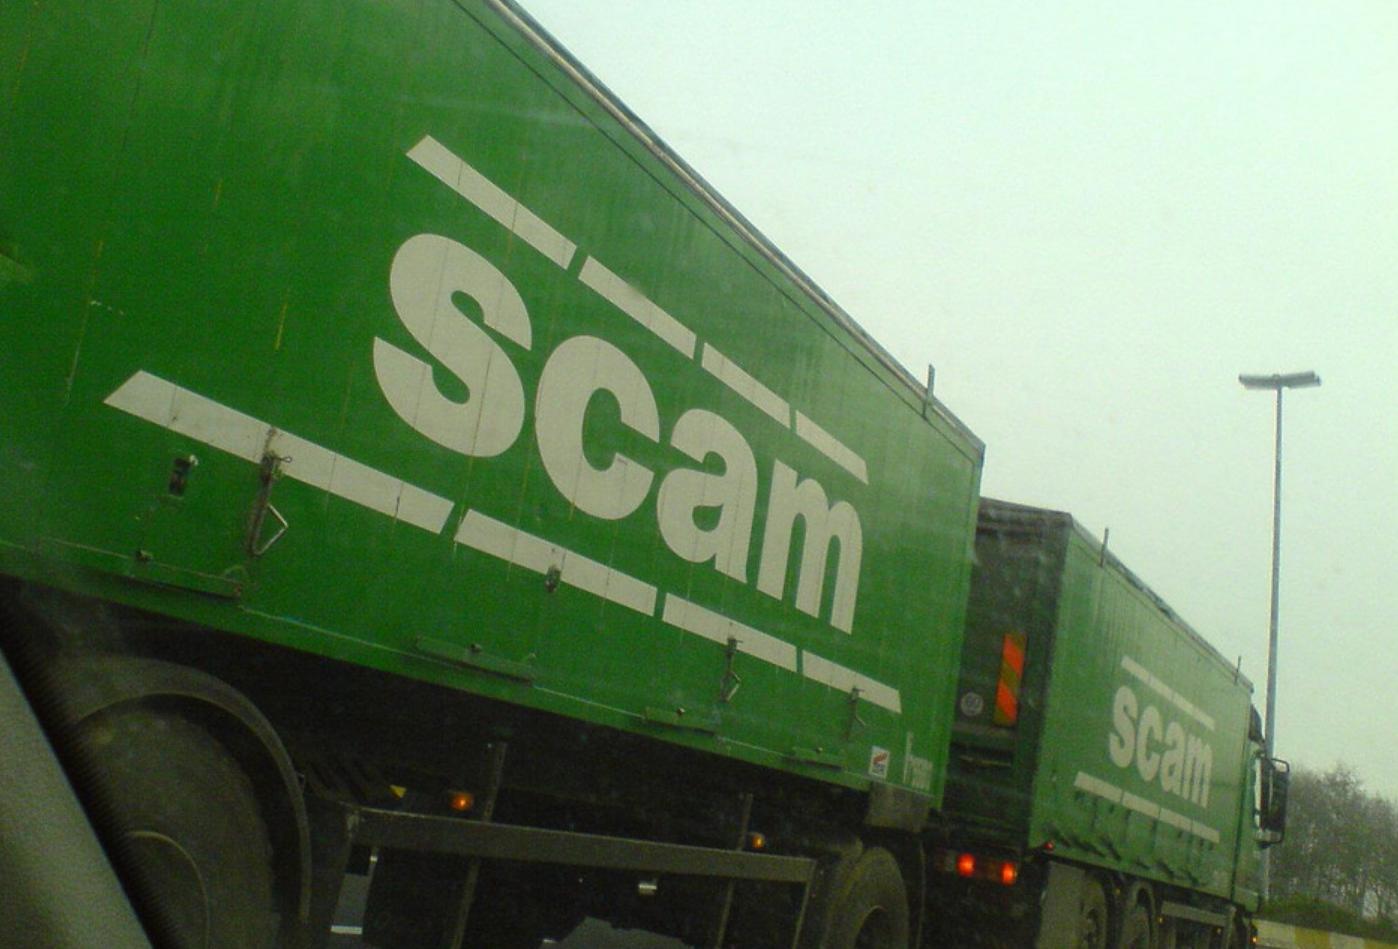 инвестиции в криптовалюты мошенничество защита пользователей